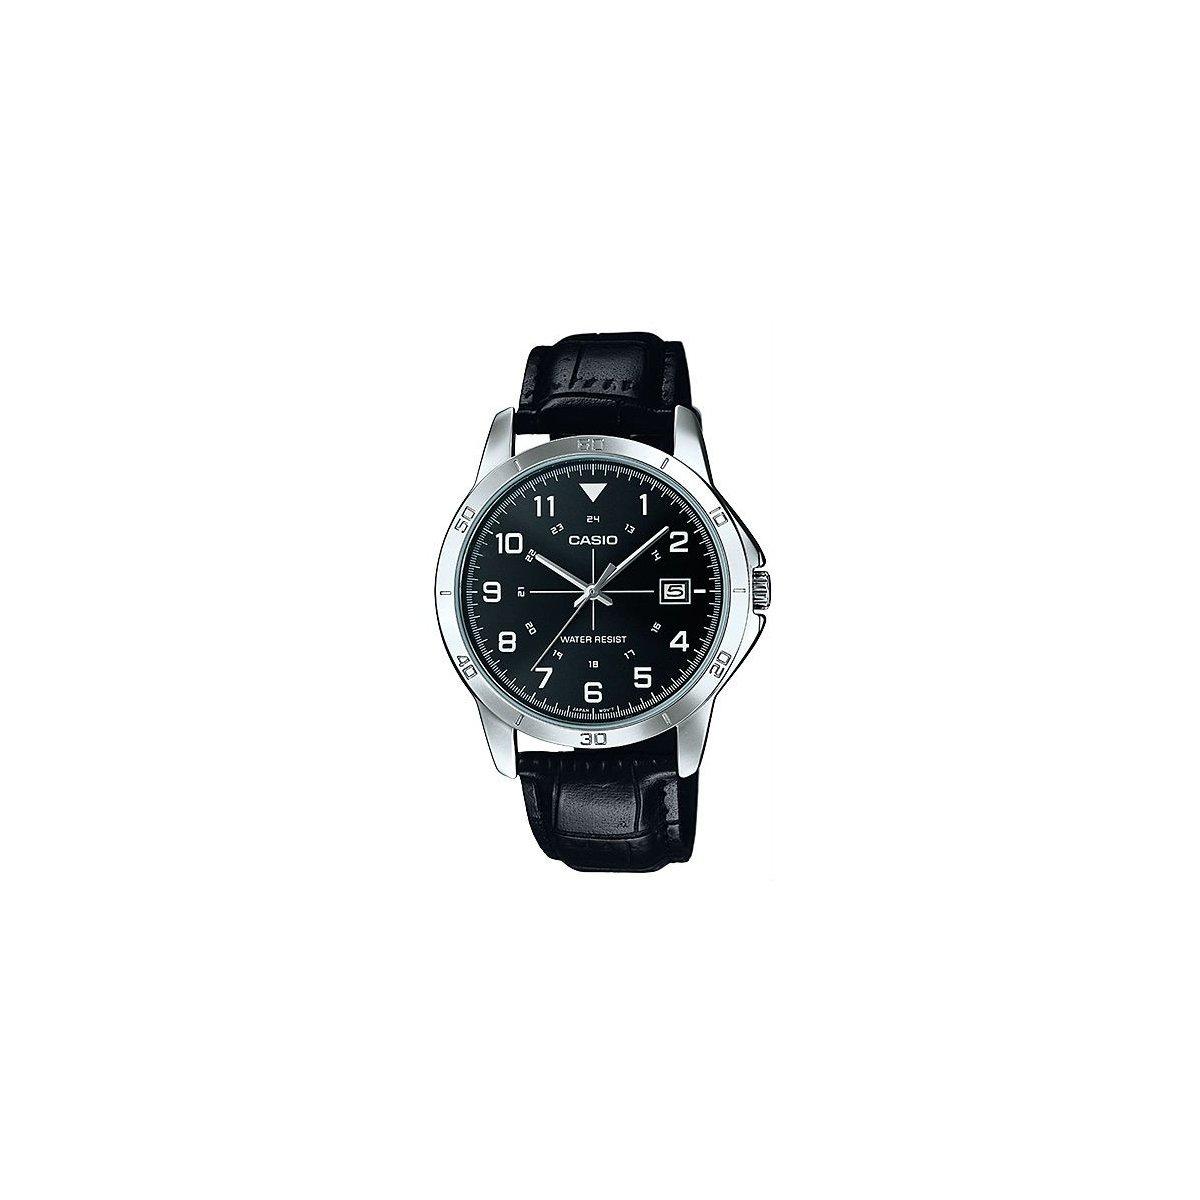 68e3c5dccbf Relógio Casio Mtp-V008L-1Budf - Compre Agora